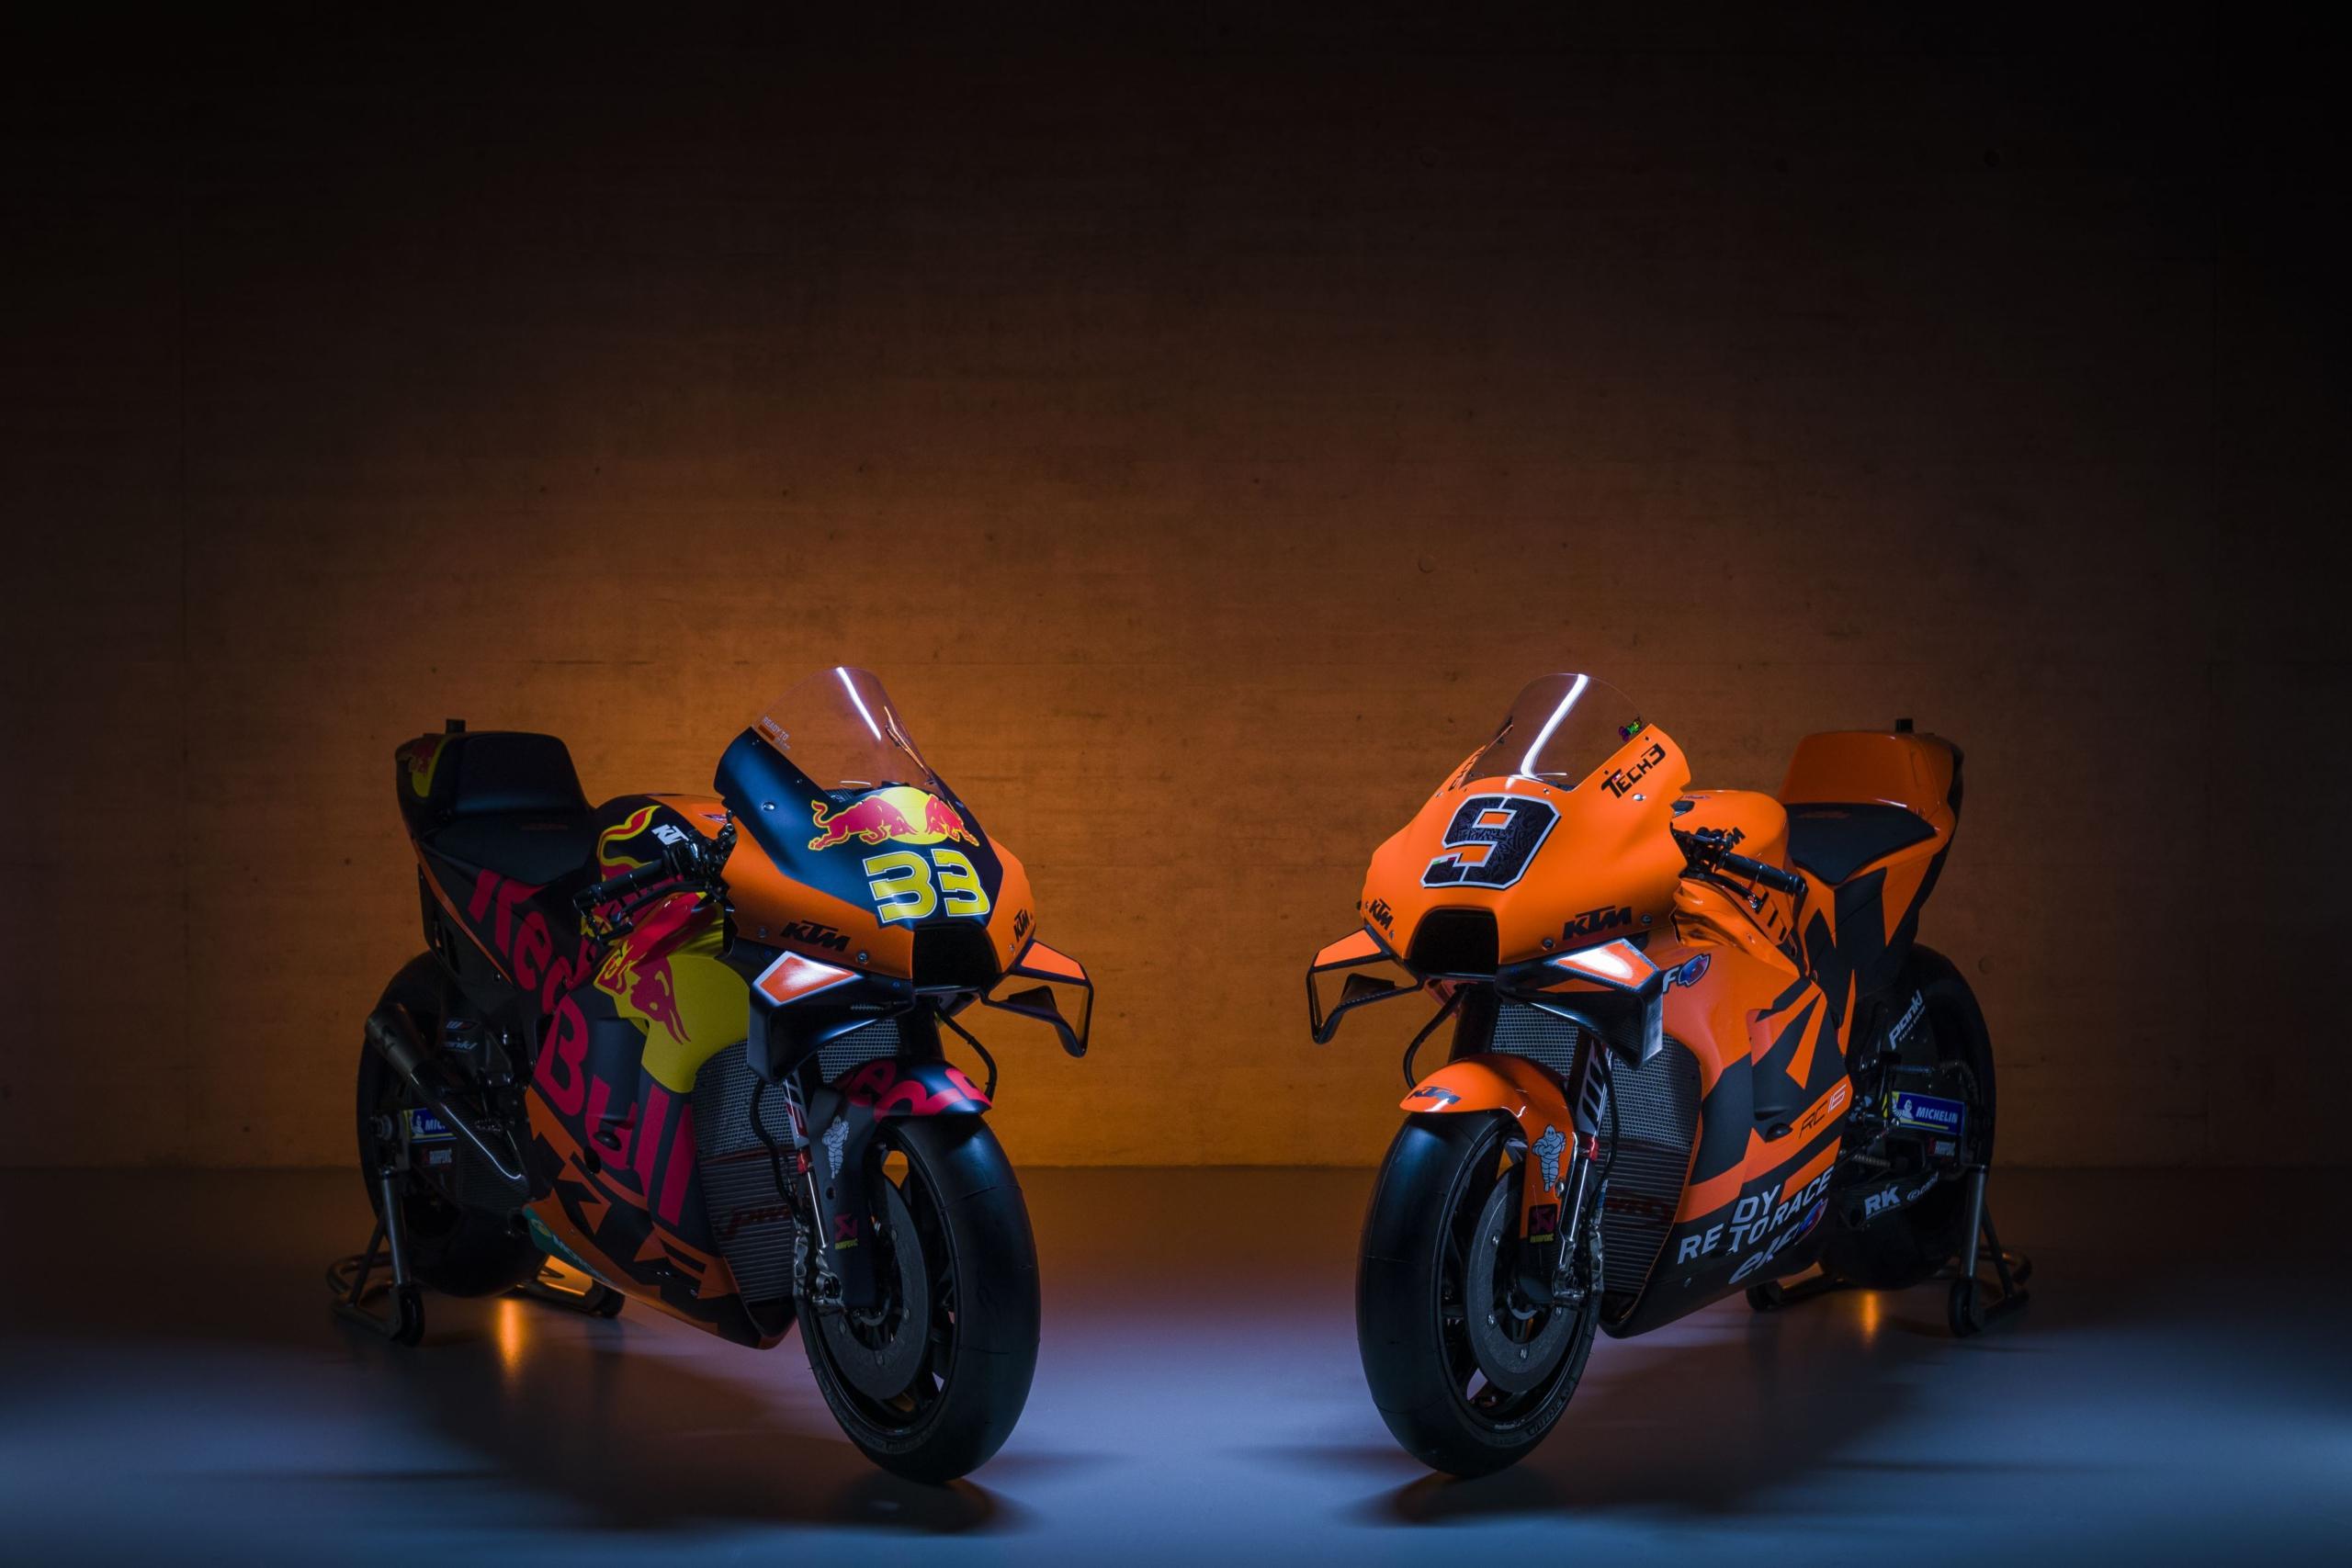 KTM desveló la nueva RC16 para la temporada 2021